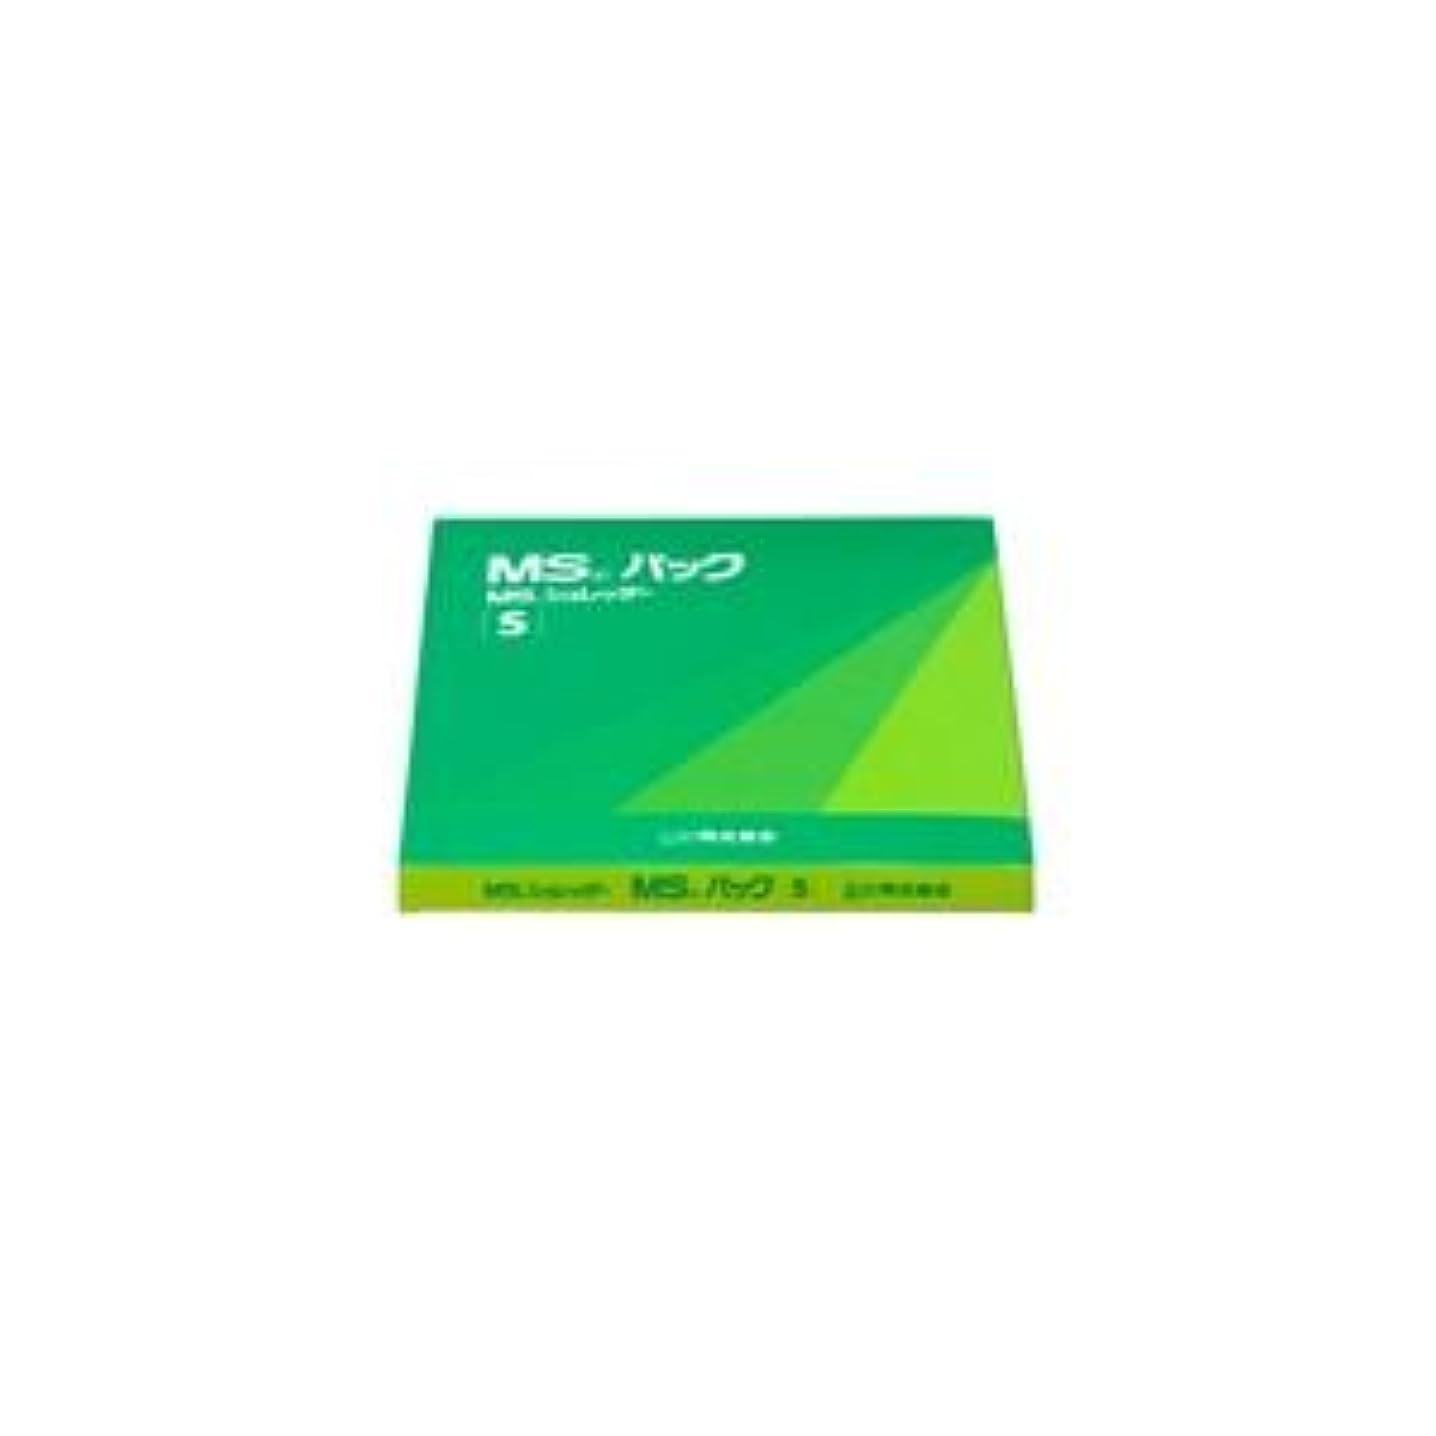 クモ冊子まぶしさ明光商会 シュレッダー用ゴミ袋 MSパック 透明 Sサイズ 1パック(100枚) ds-965873